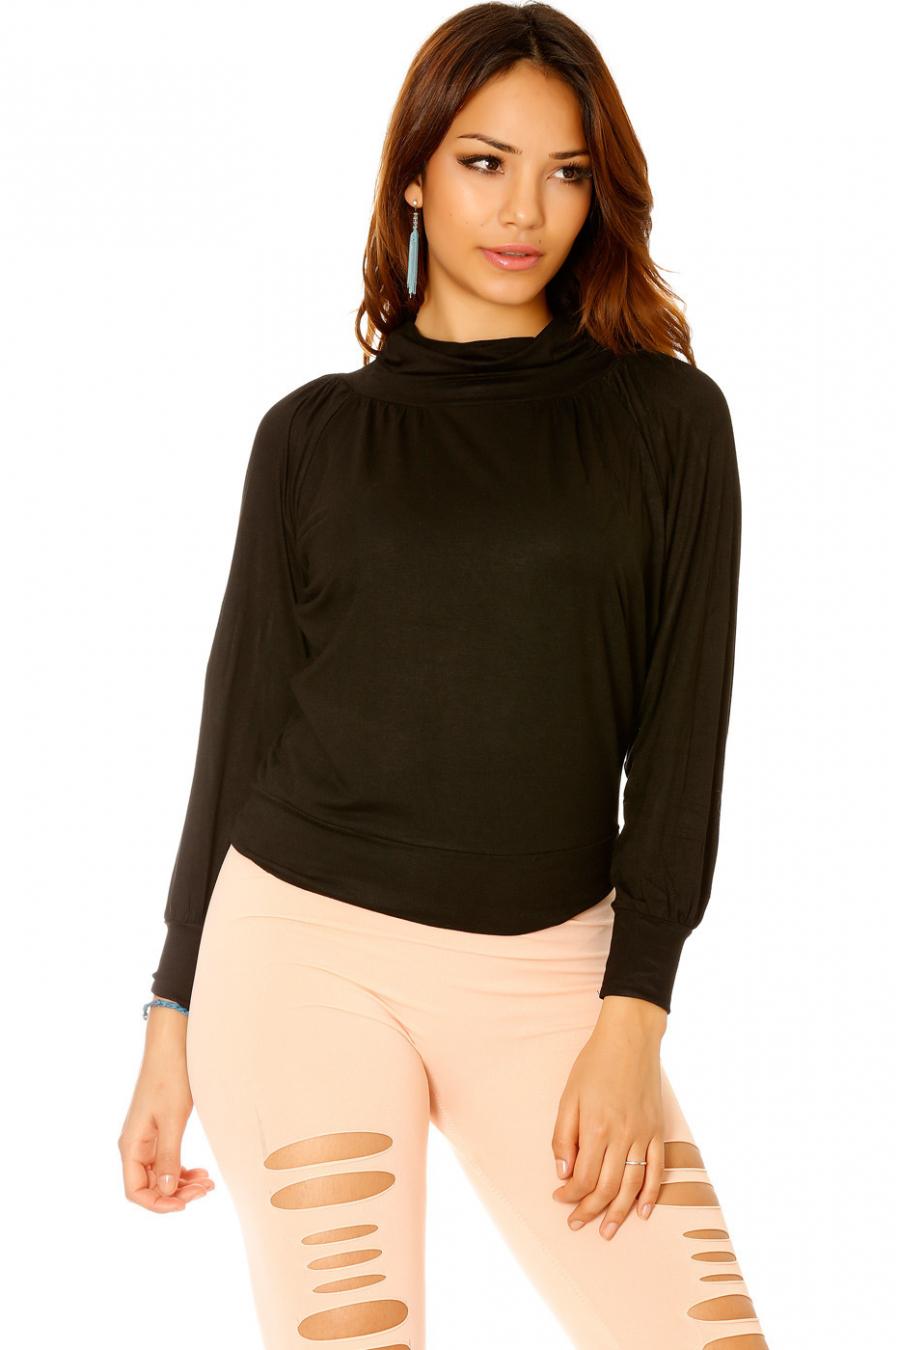 2ecf3e265b8 Pull Oversize Inspiration Mode Femme Petite Taille La P. Haut Manche Long Col  Roule En Noir Mode Femme Petit Prix